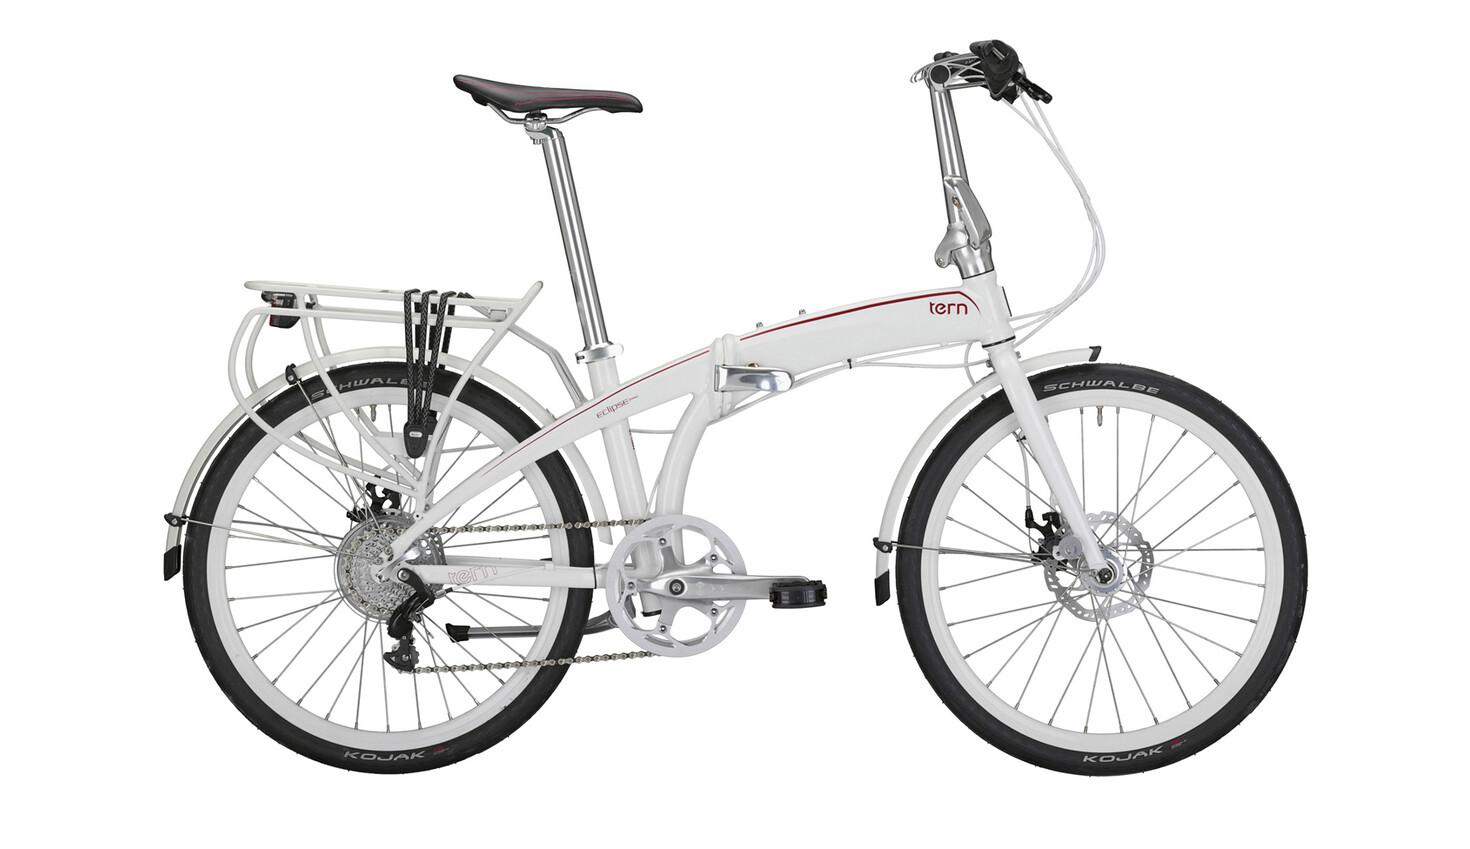 Ayuda con la elección de bici plegable - Página 2